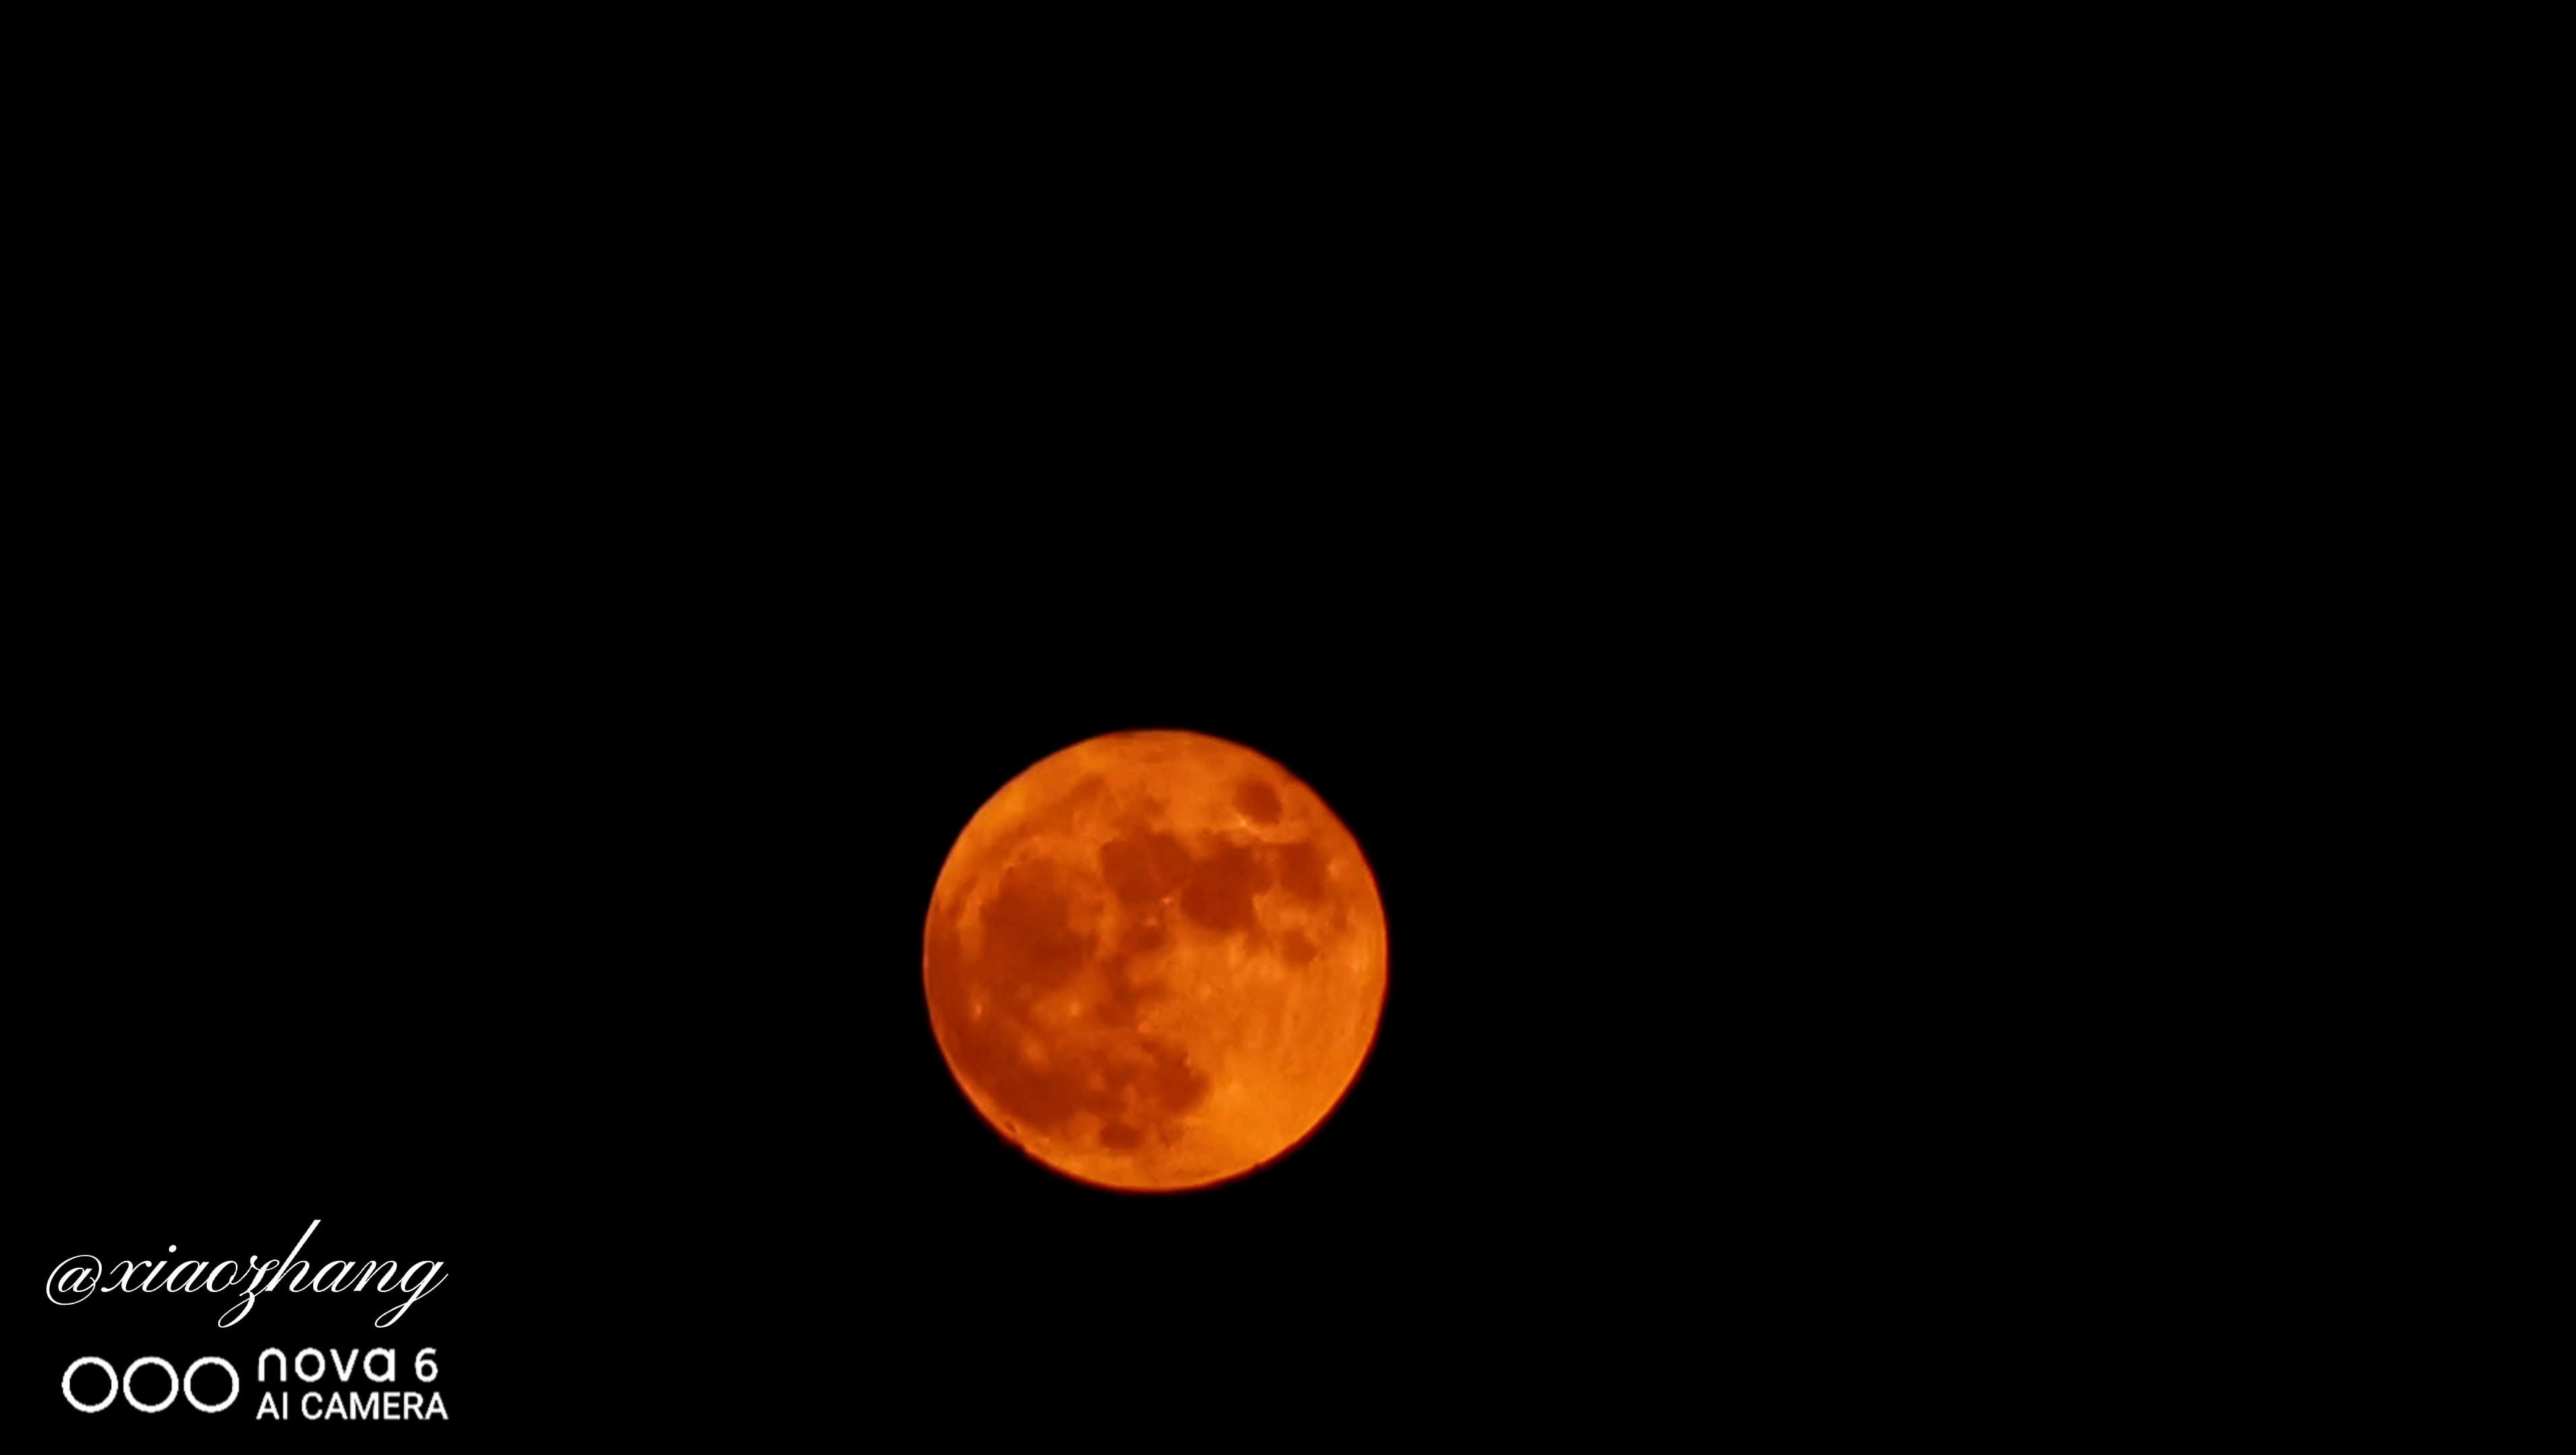 十五的月亮(中元节)延时——nova6,华为nova6系列-花粉俱乐部